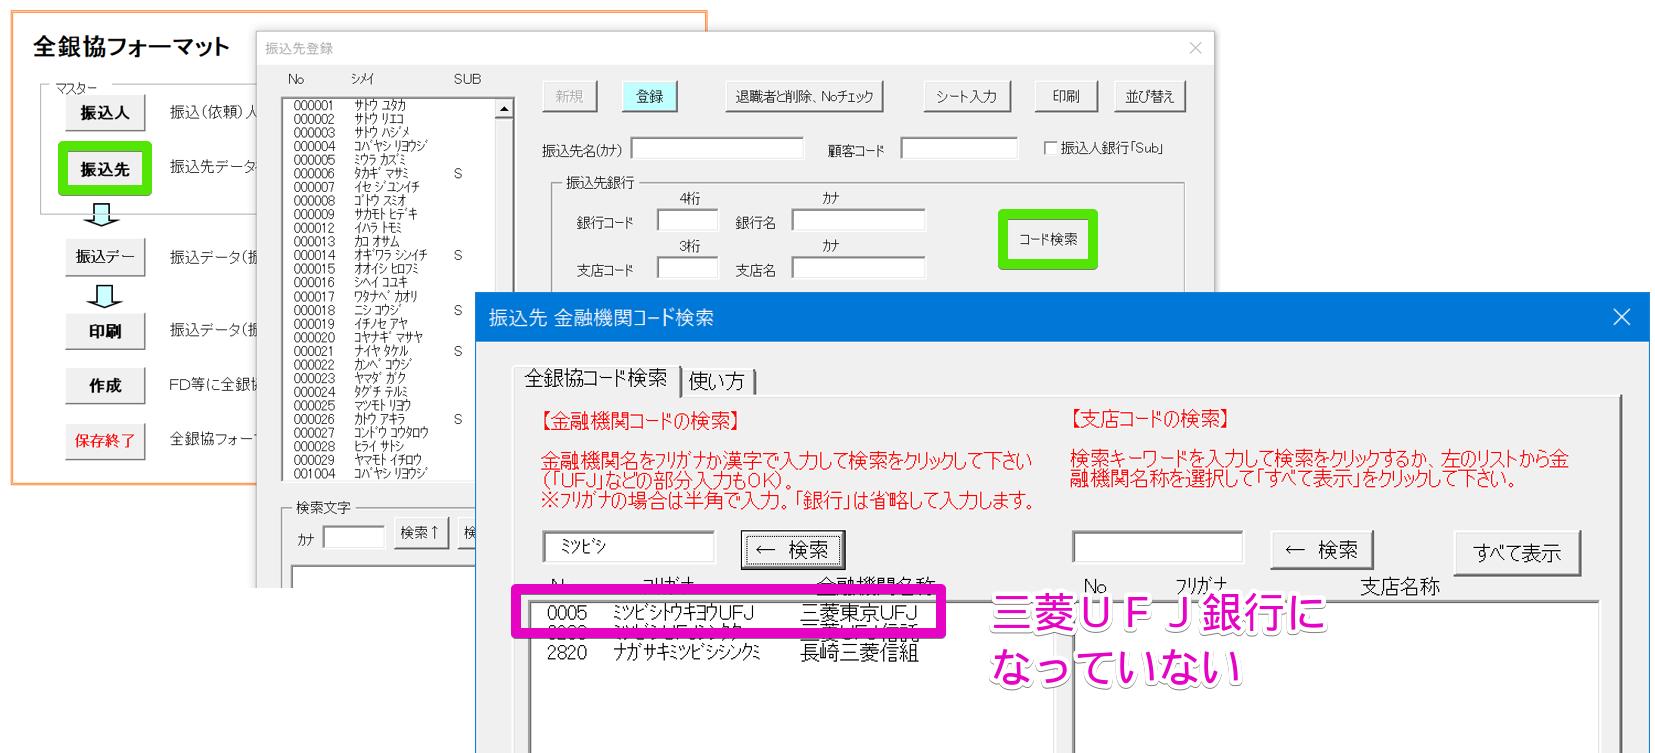 全銀協フォーマットのコード検索でまだ「三菱東京UFJ銀行」になっている